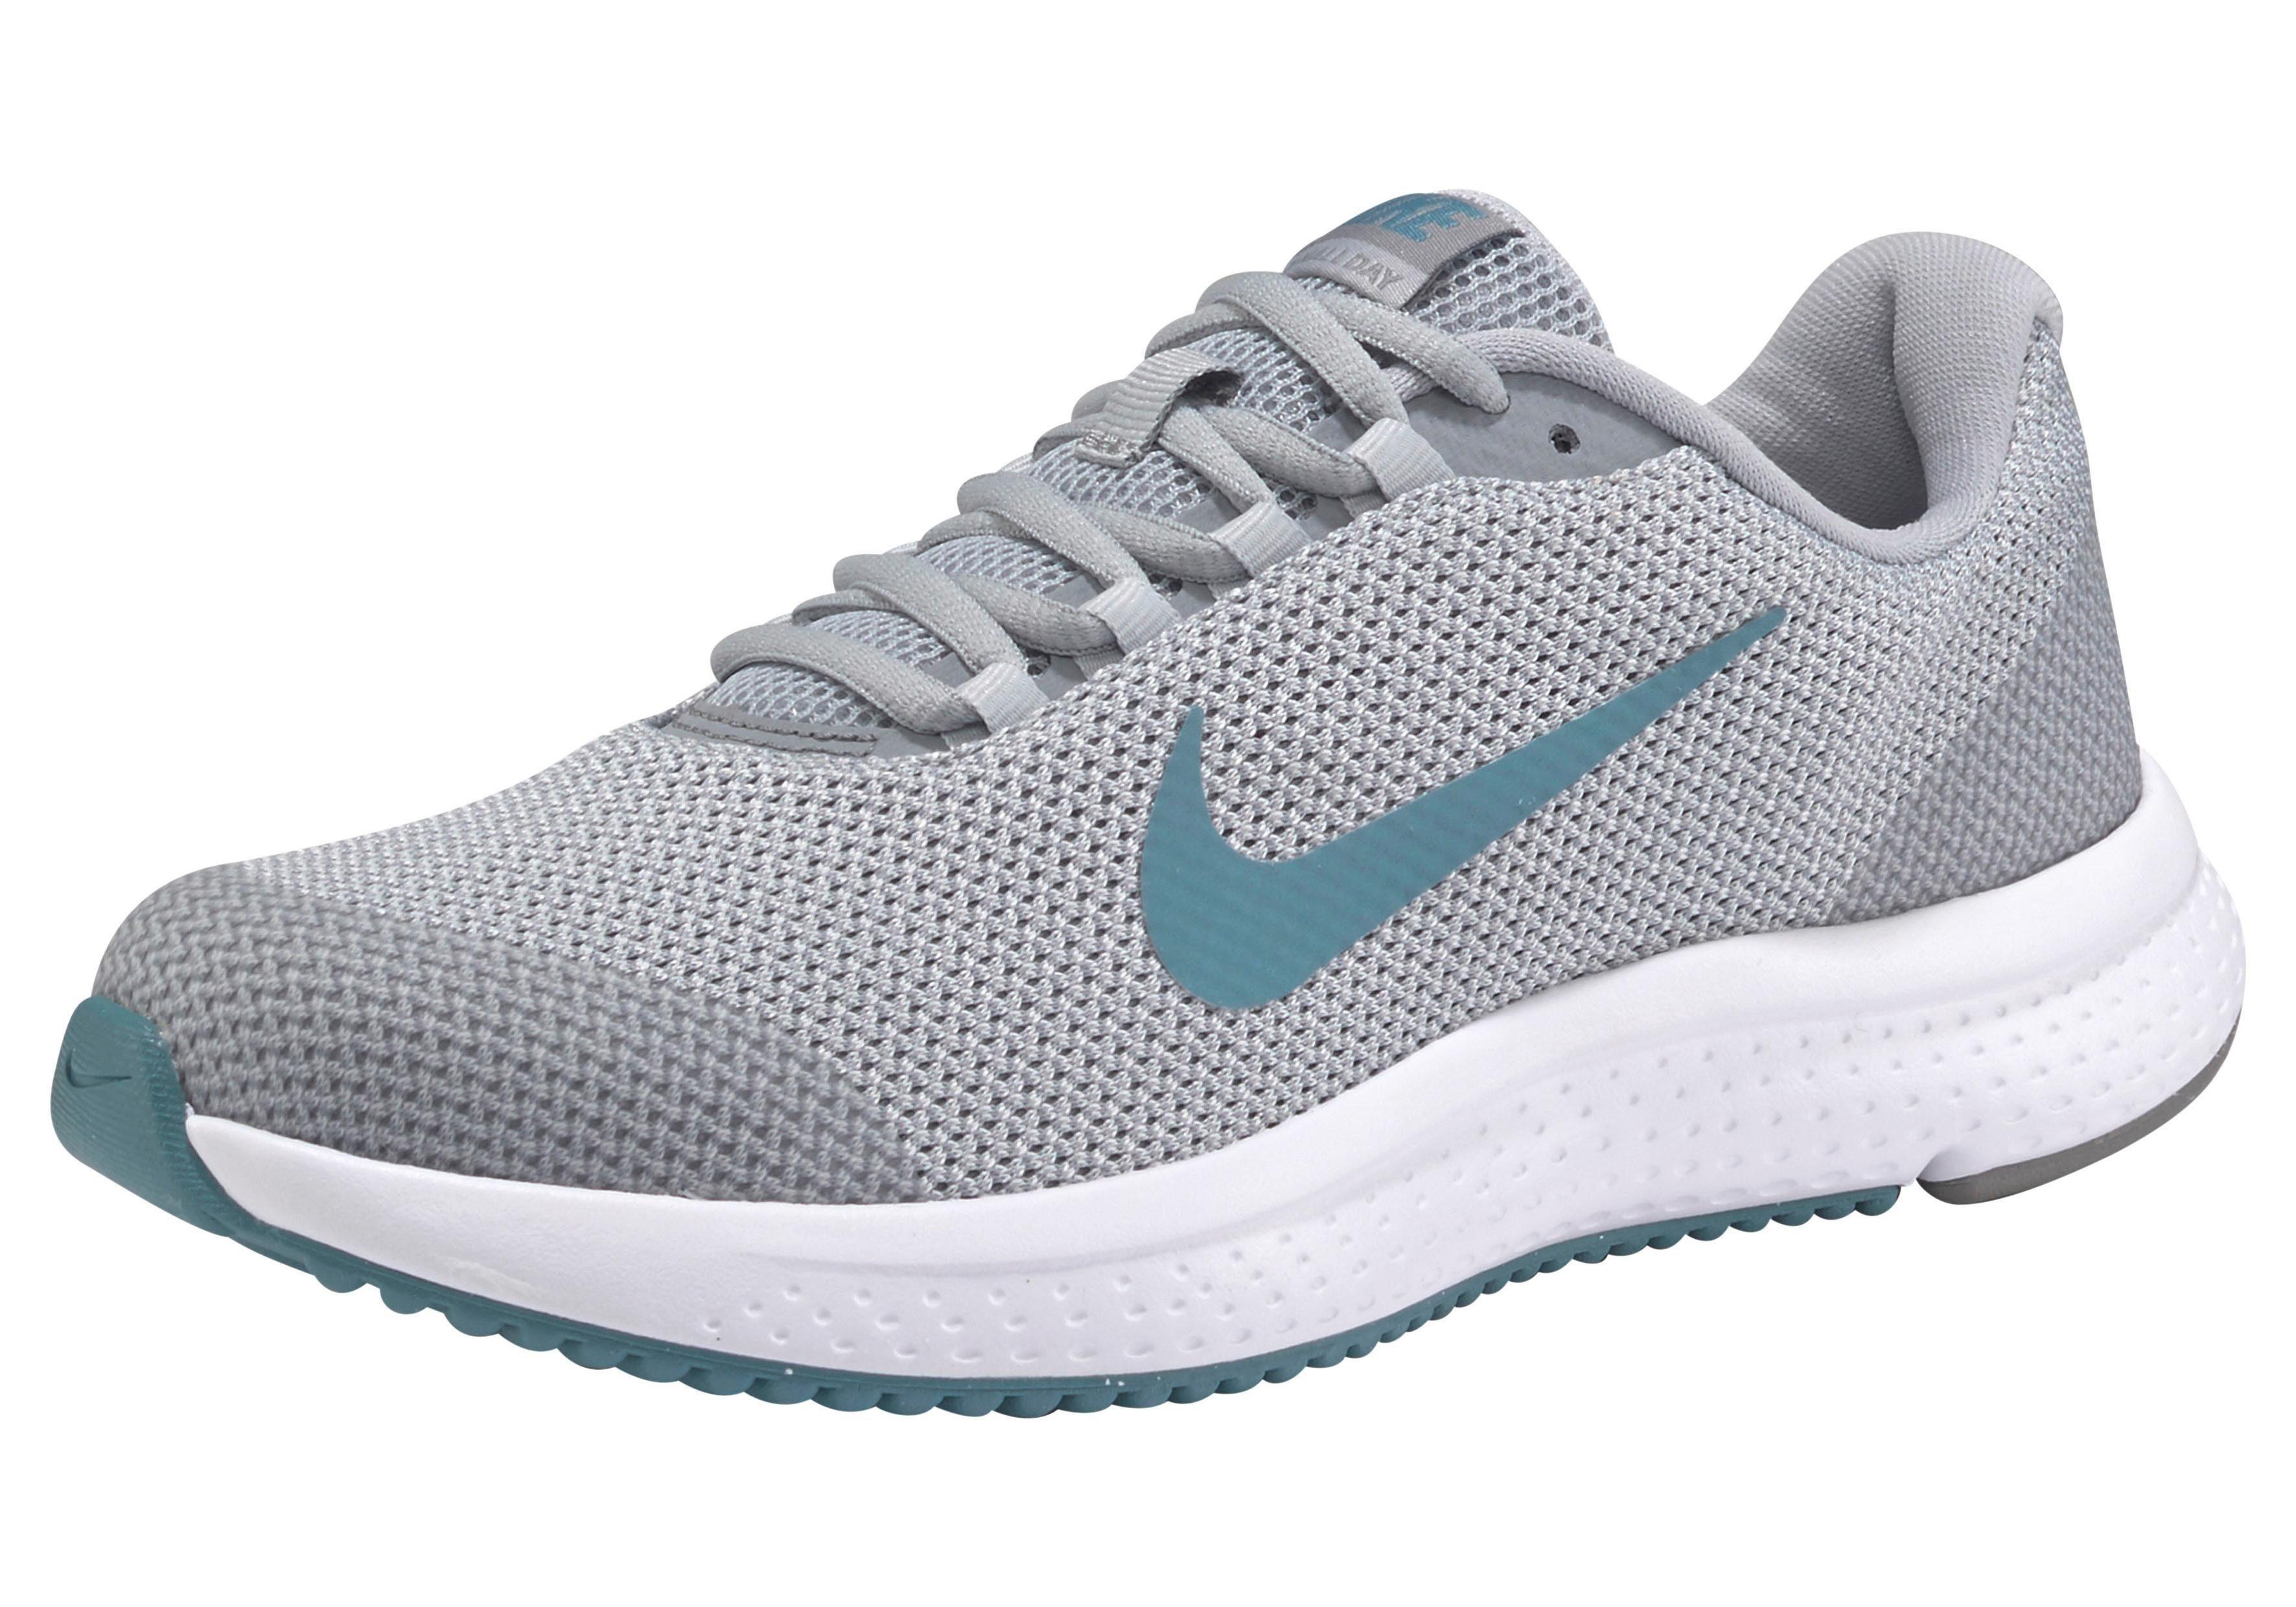 Nike Wmns Runallday Laufschuh online kaufen  grau-türkis